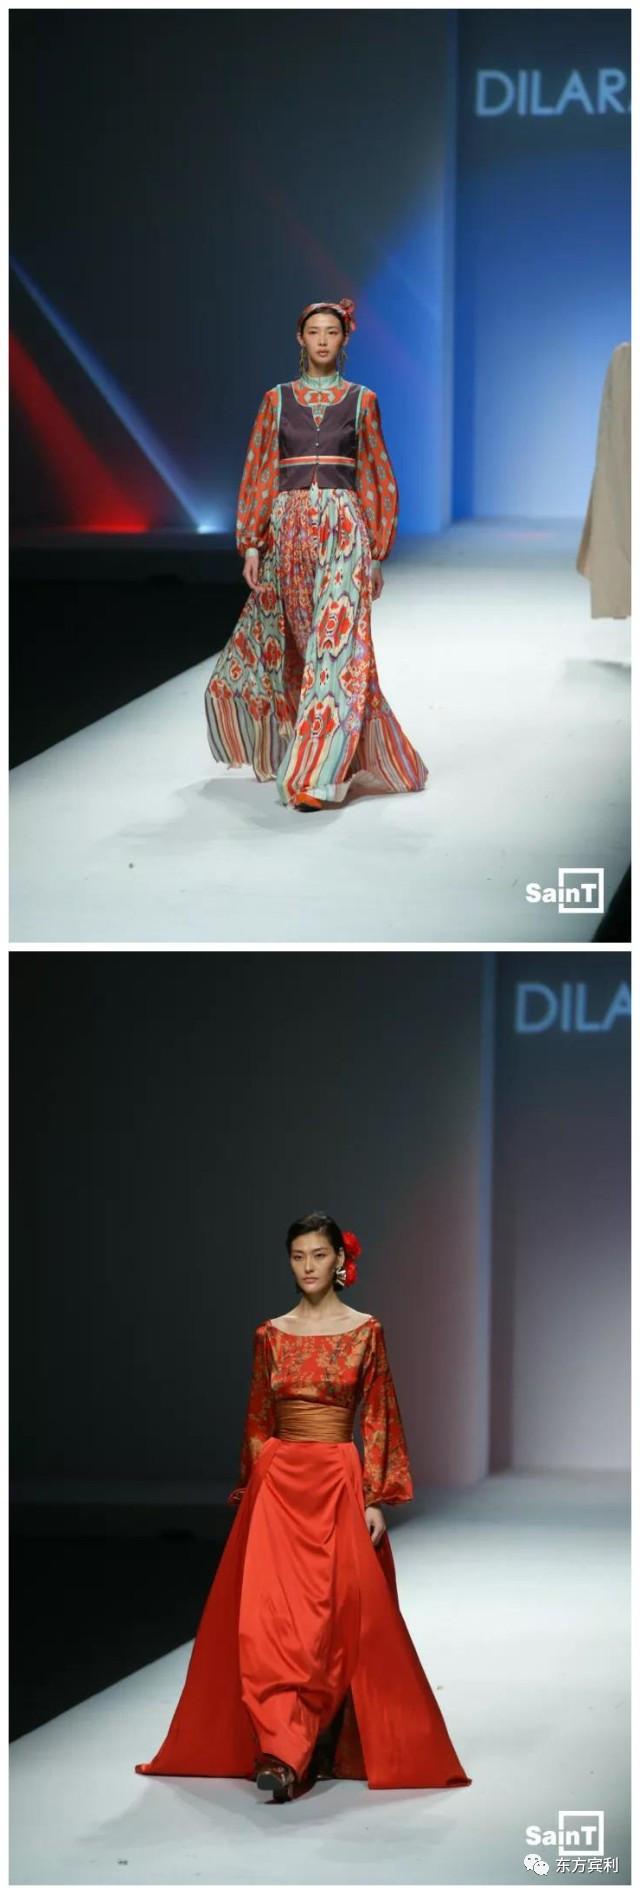 2018ss中国国际时装周| dilara zakir时装秀